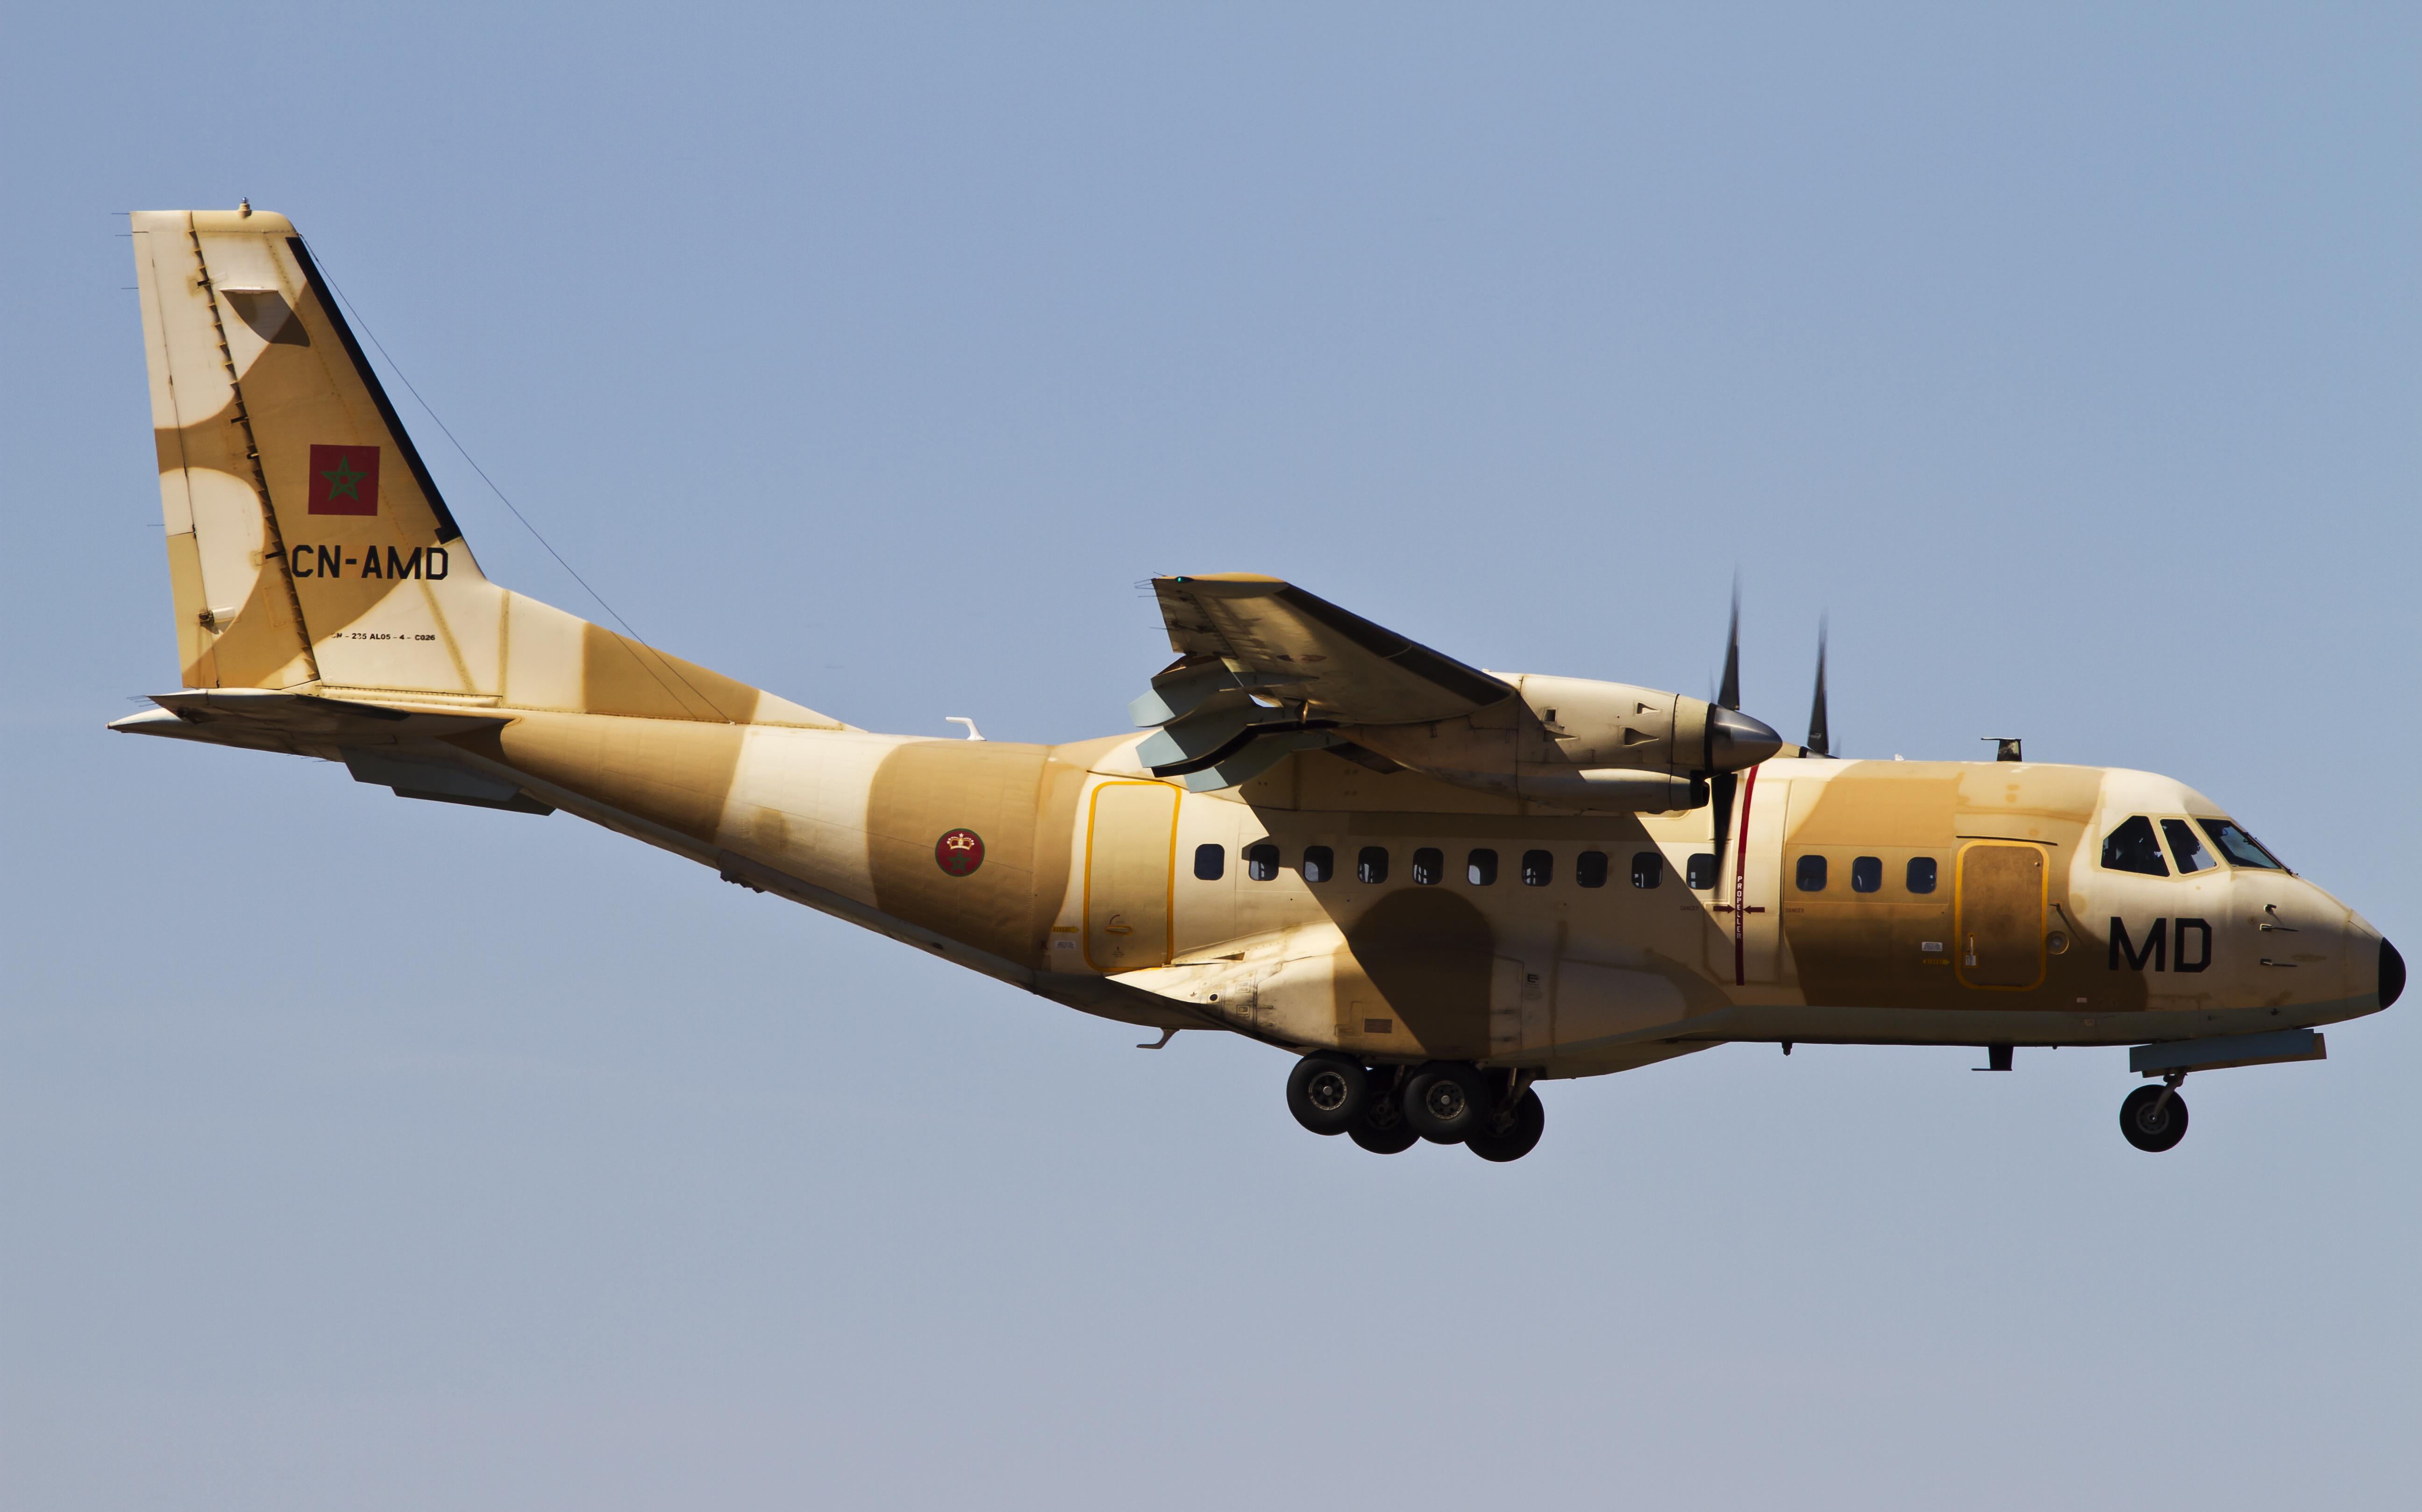 طائرات النقل العاملة بالقوات المسلحة المغربية 14152559423_73881a88ef_o